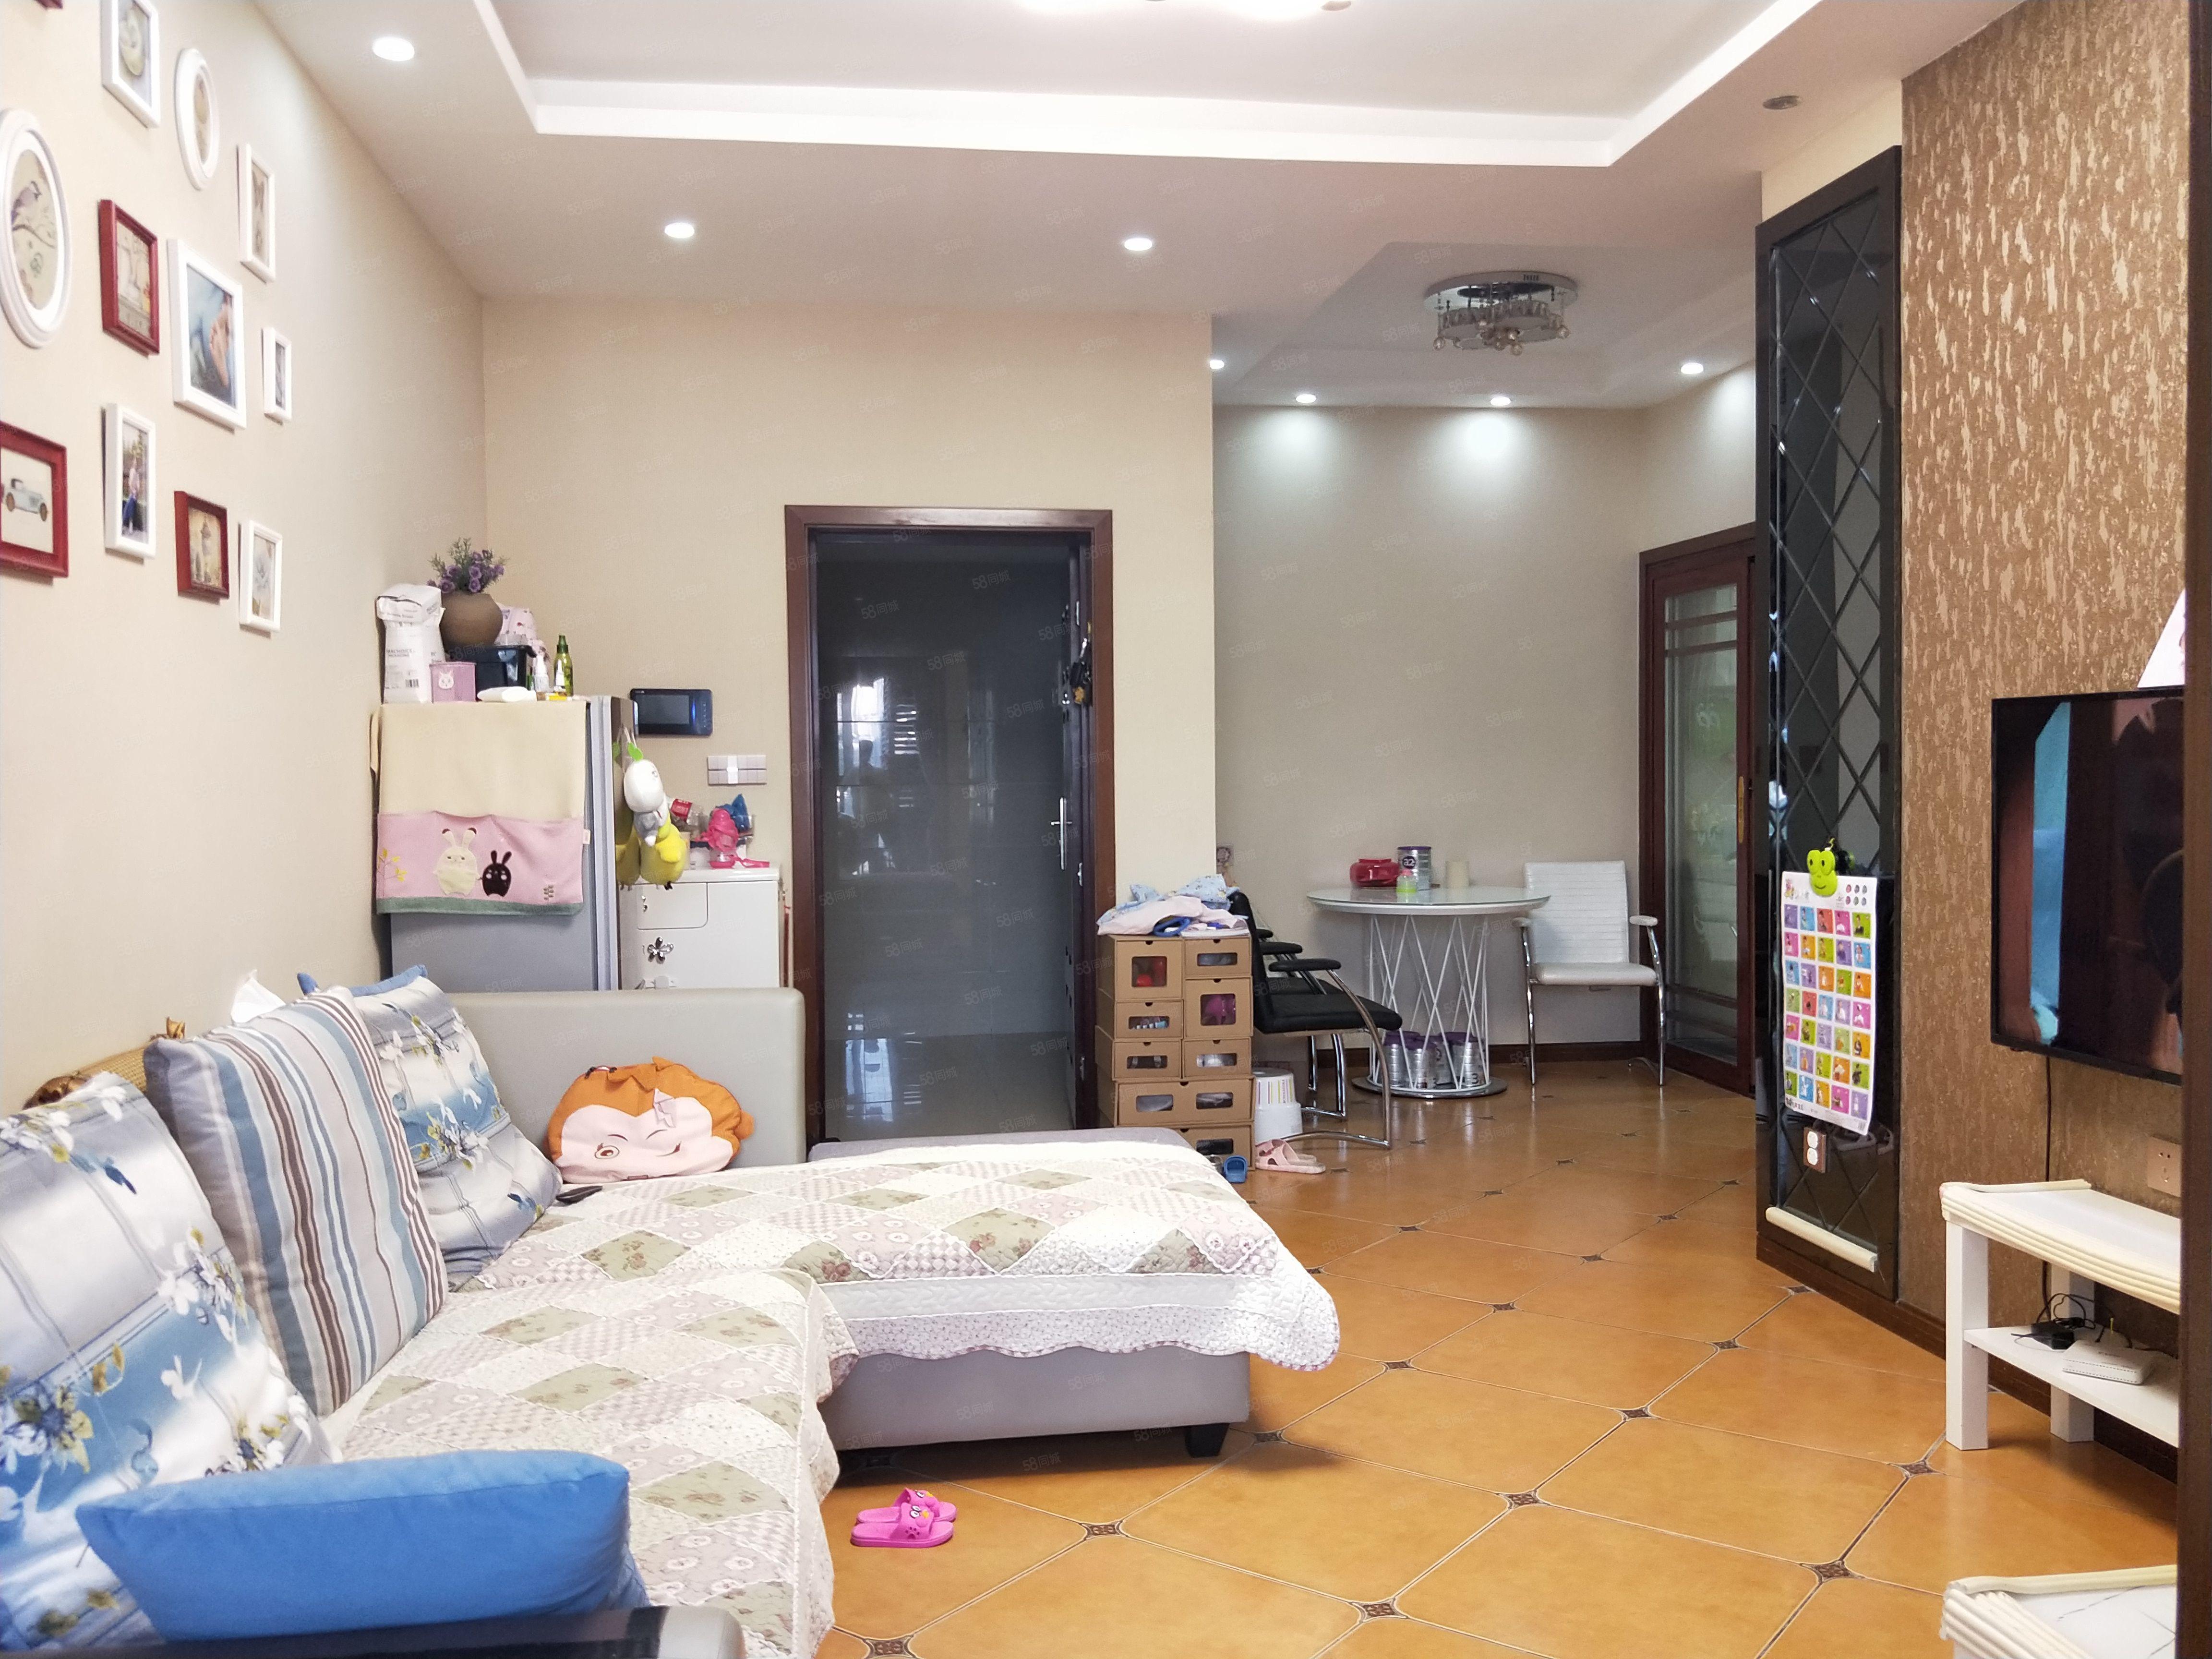 温泉城精装电梯2房可改3房低于市场价5万读城七校十六中